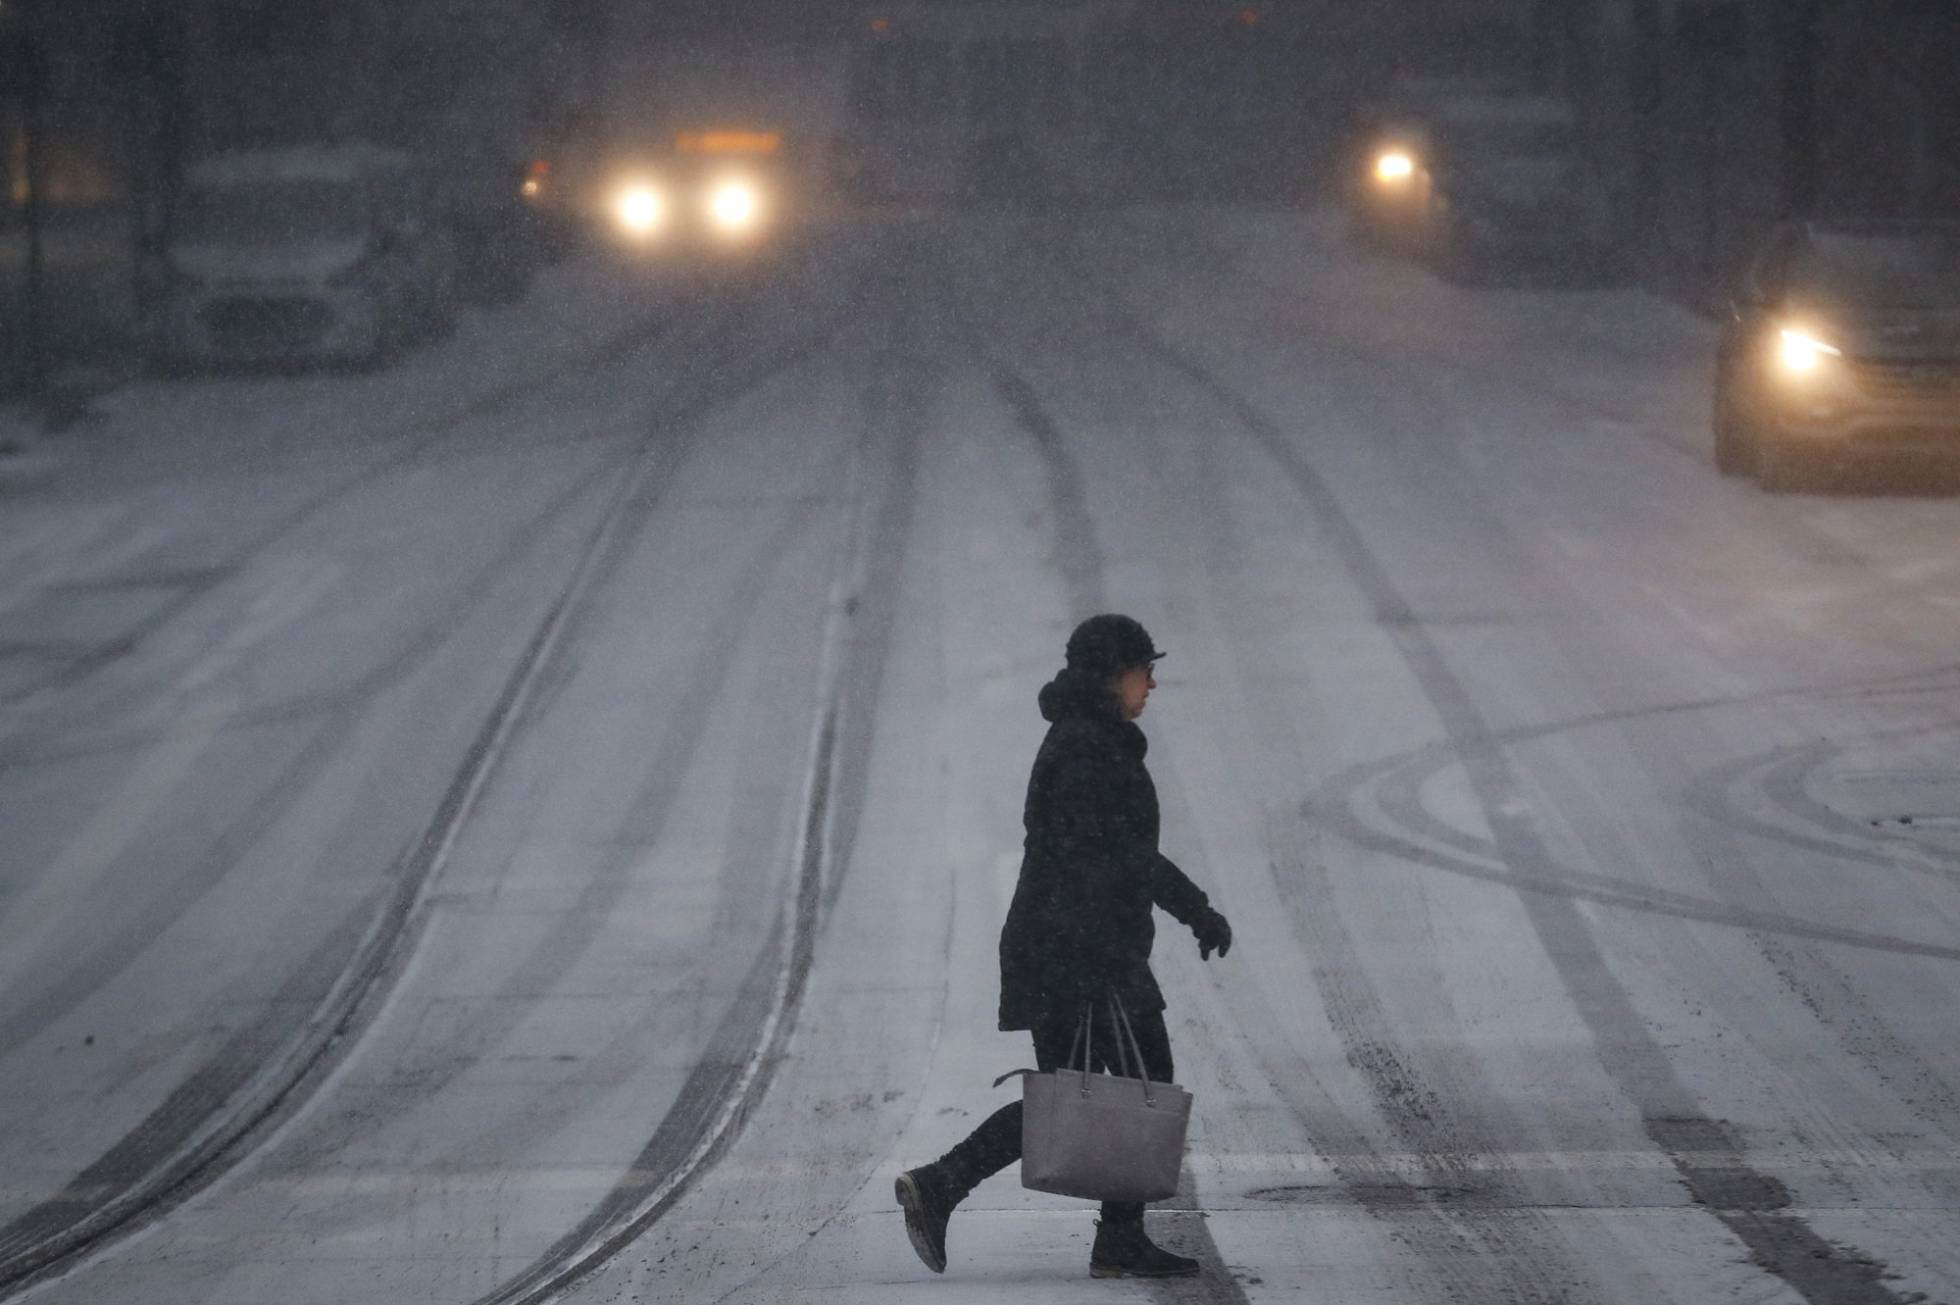 Una mujer atraviesa una cubierta de nieve en Cincinati, este miércoles.